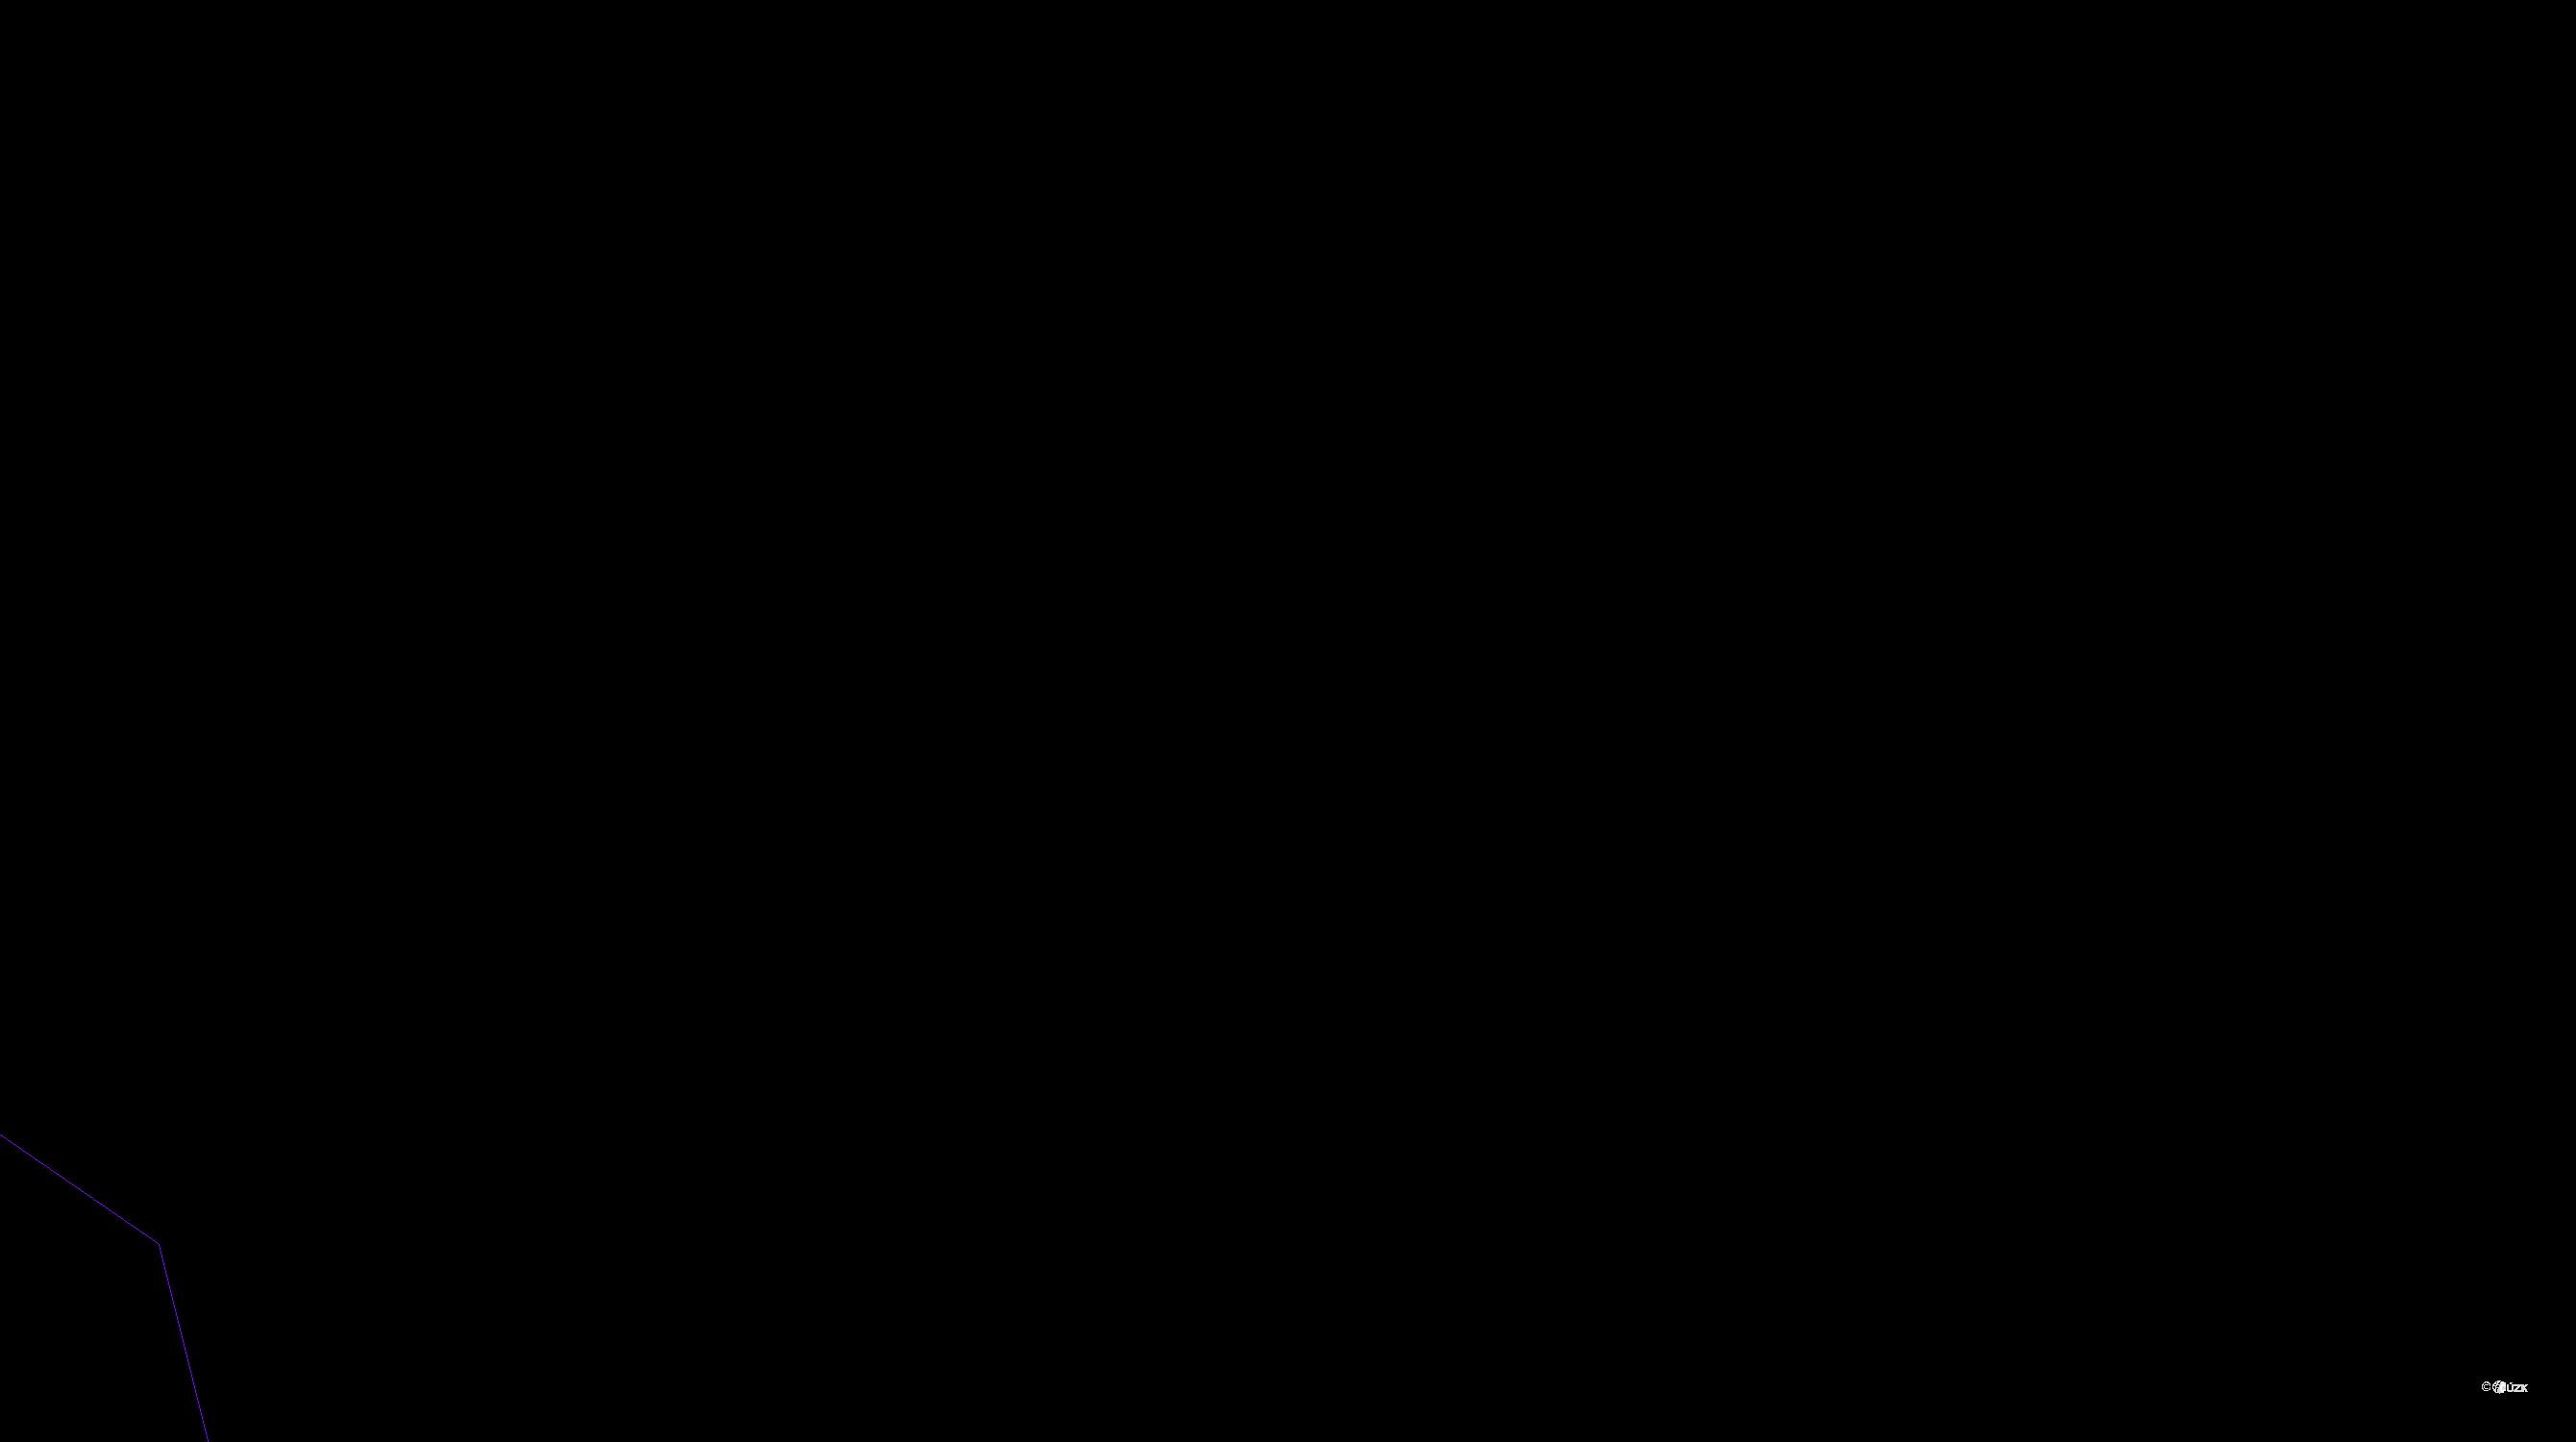 Katastrální mapa pozemků a čísla parcel Lužany nad Trotinou